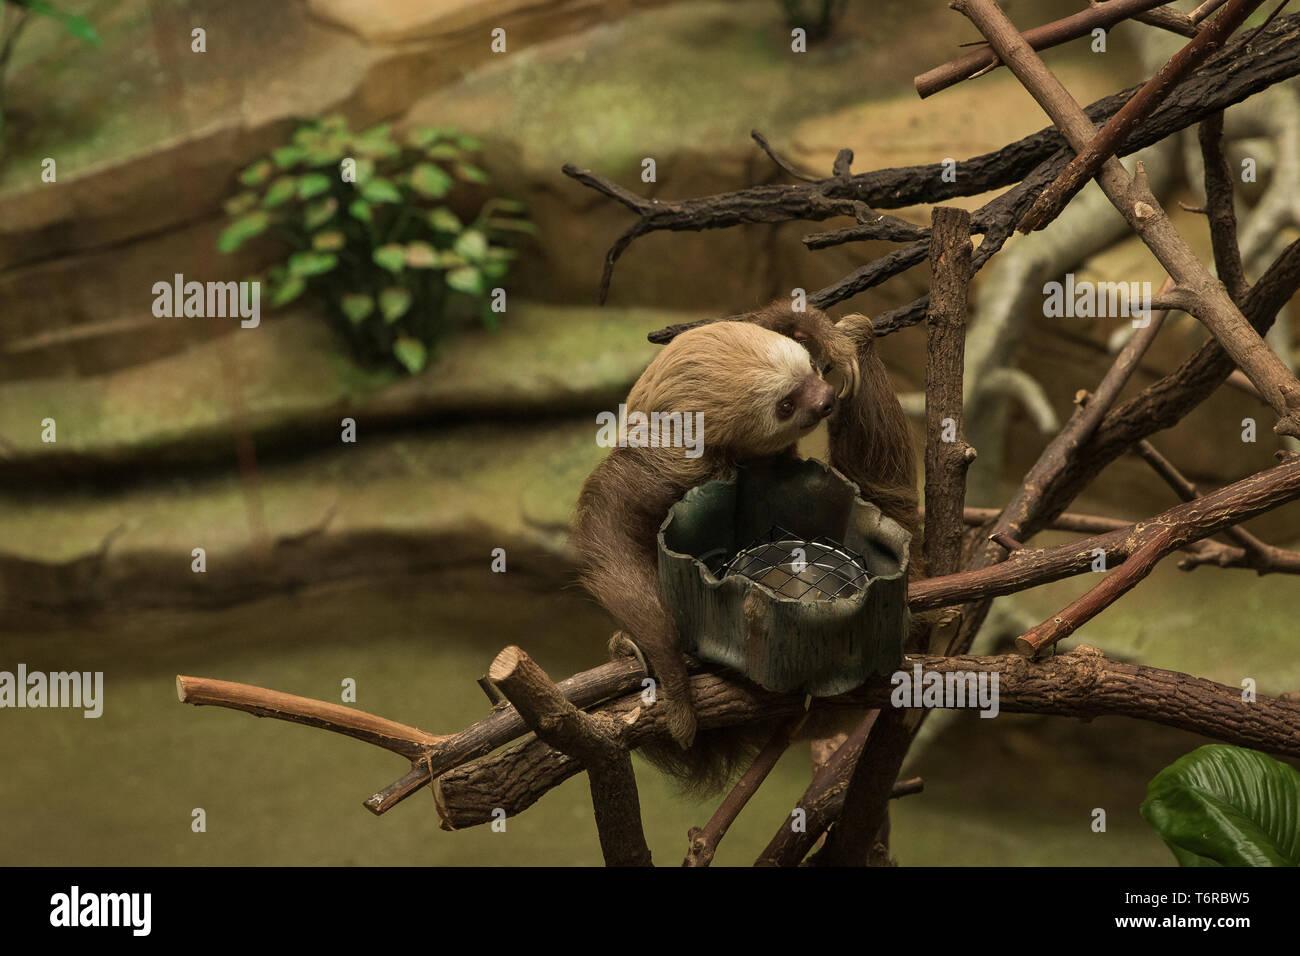 Pereza colgando alrededor de su recinto en el zoológico. Foto de stock